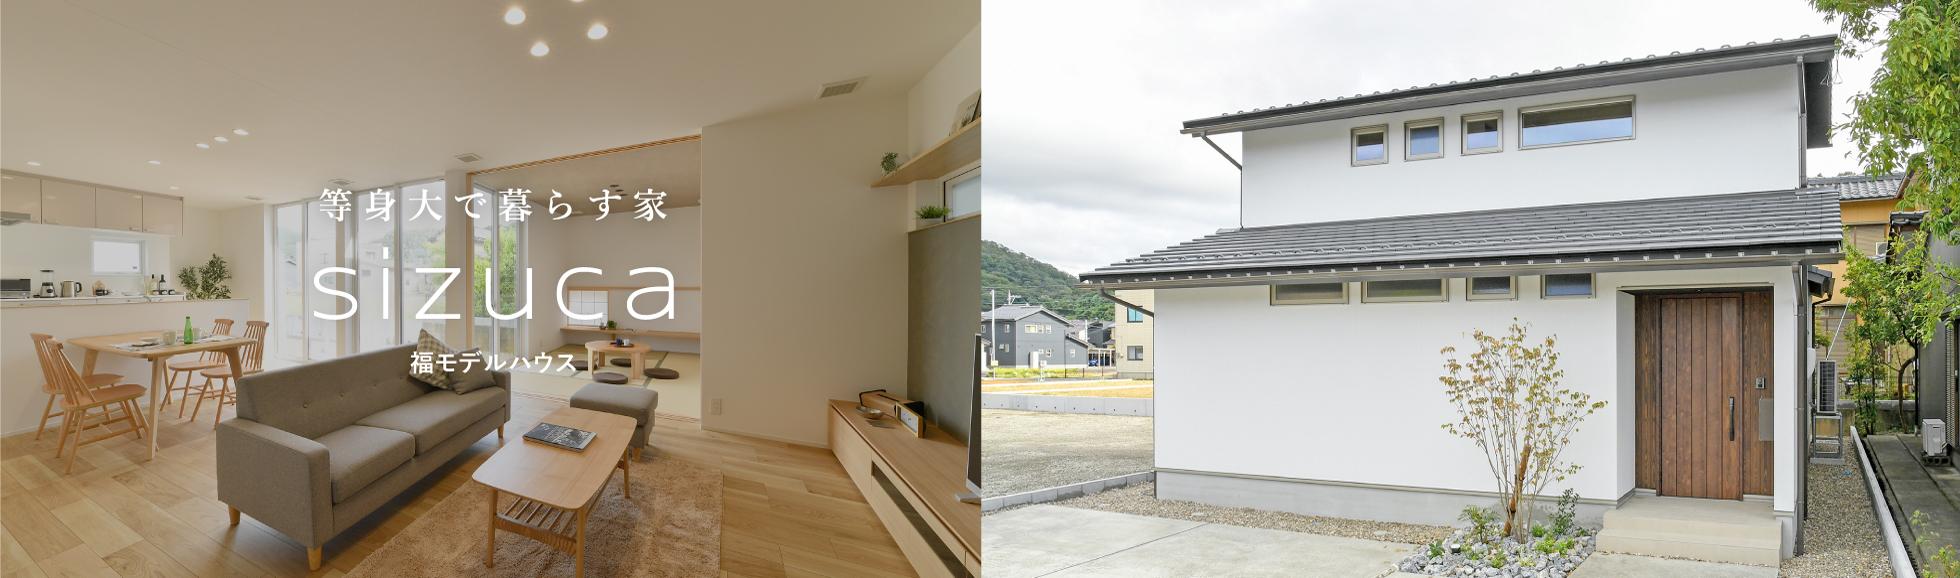 等身大で暮らす家「sizuca」福モデルハウス